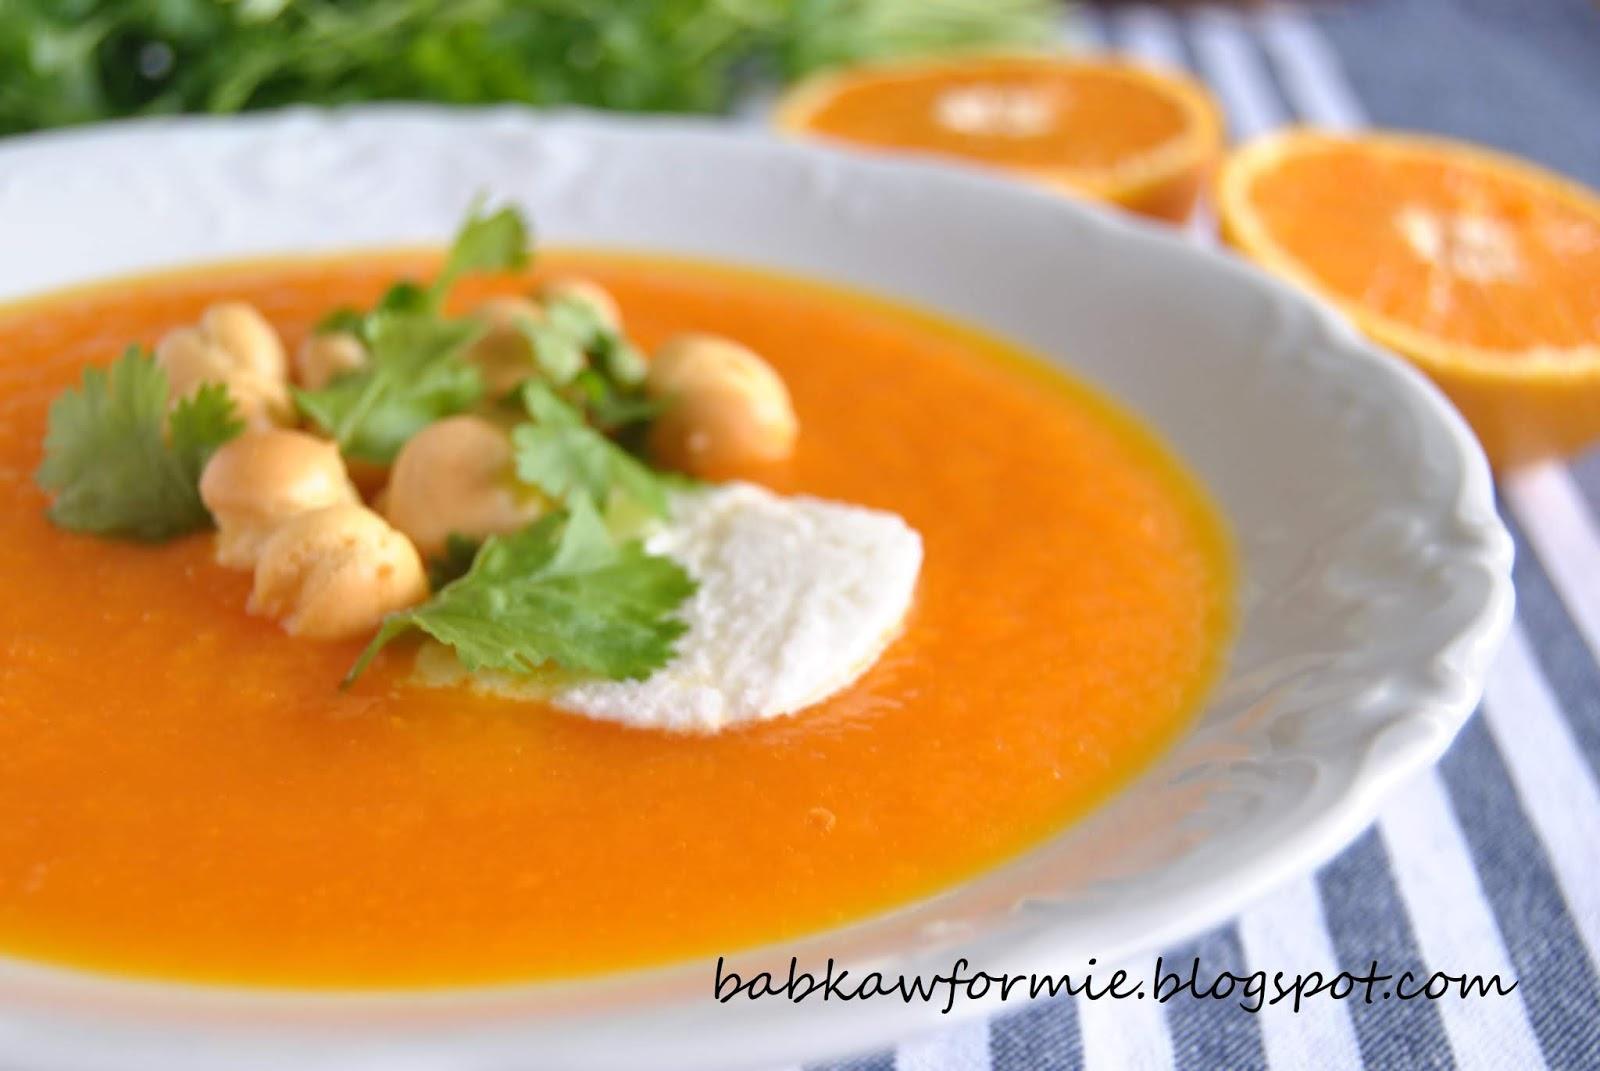 zupa krem z marchwi i pomarańczy babkawformie.blogspot.com